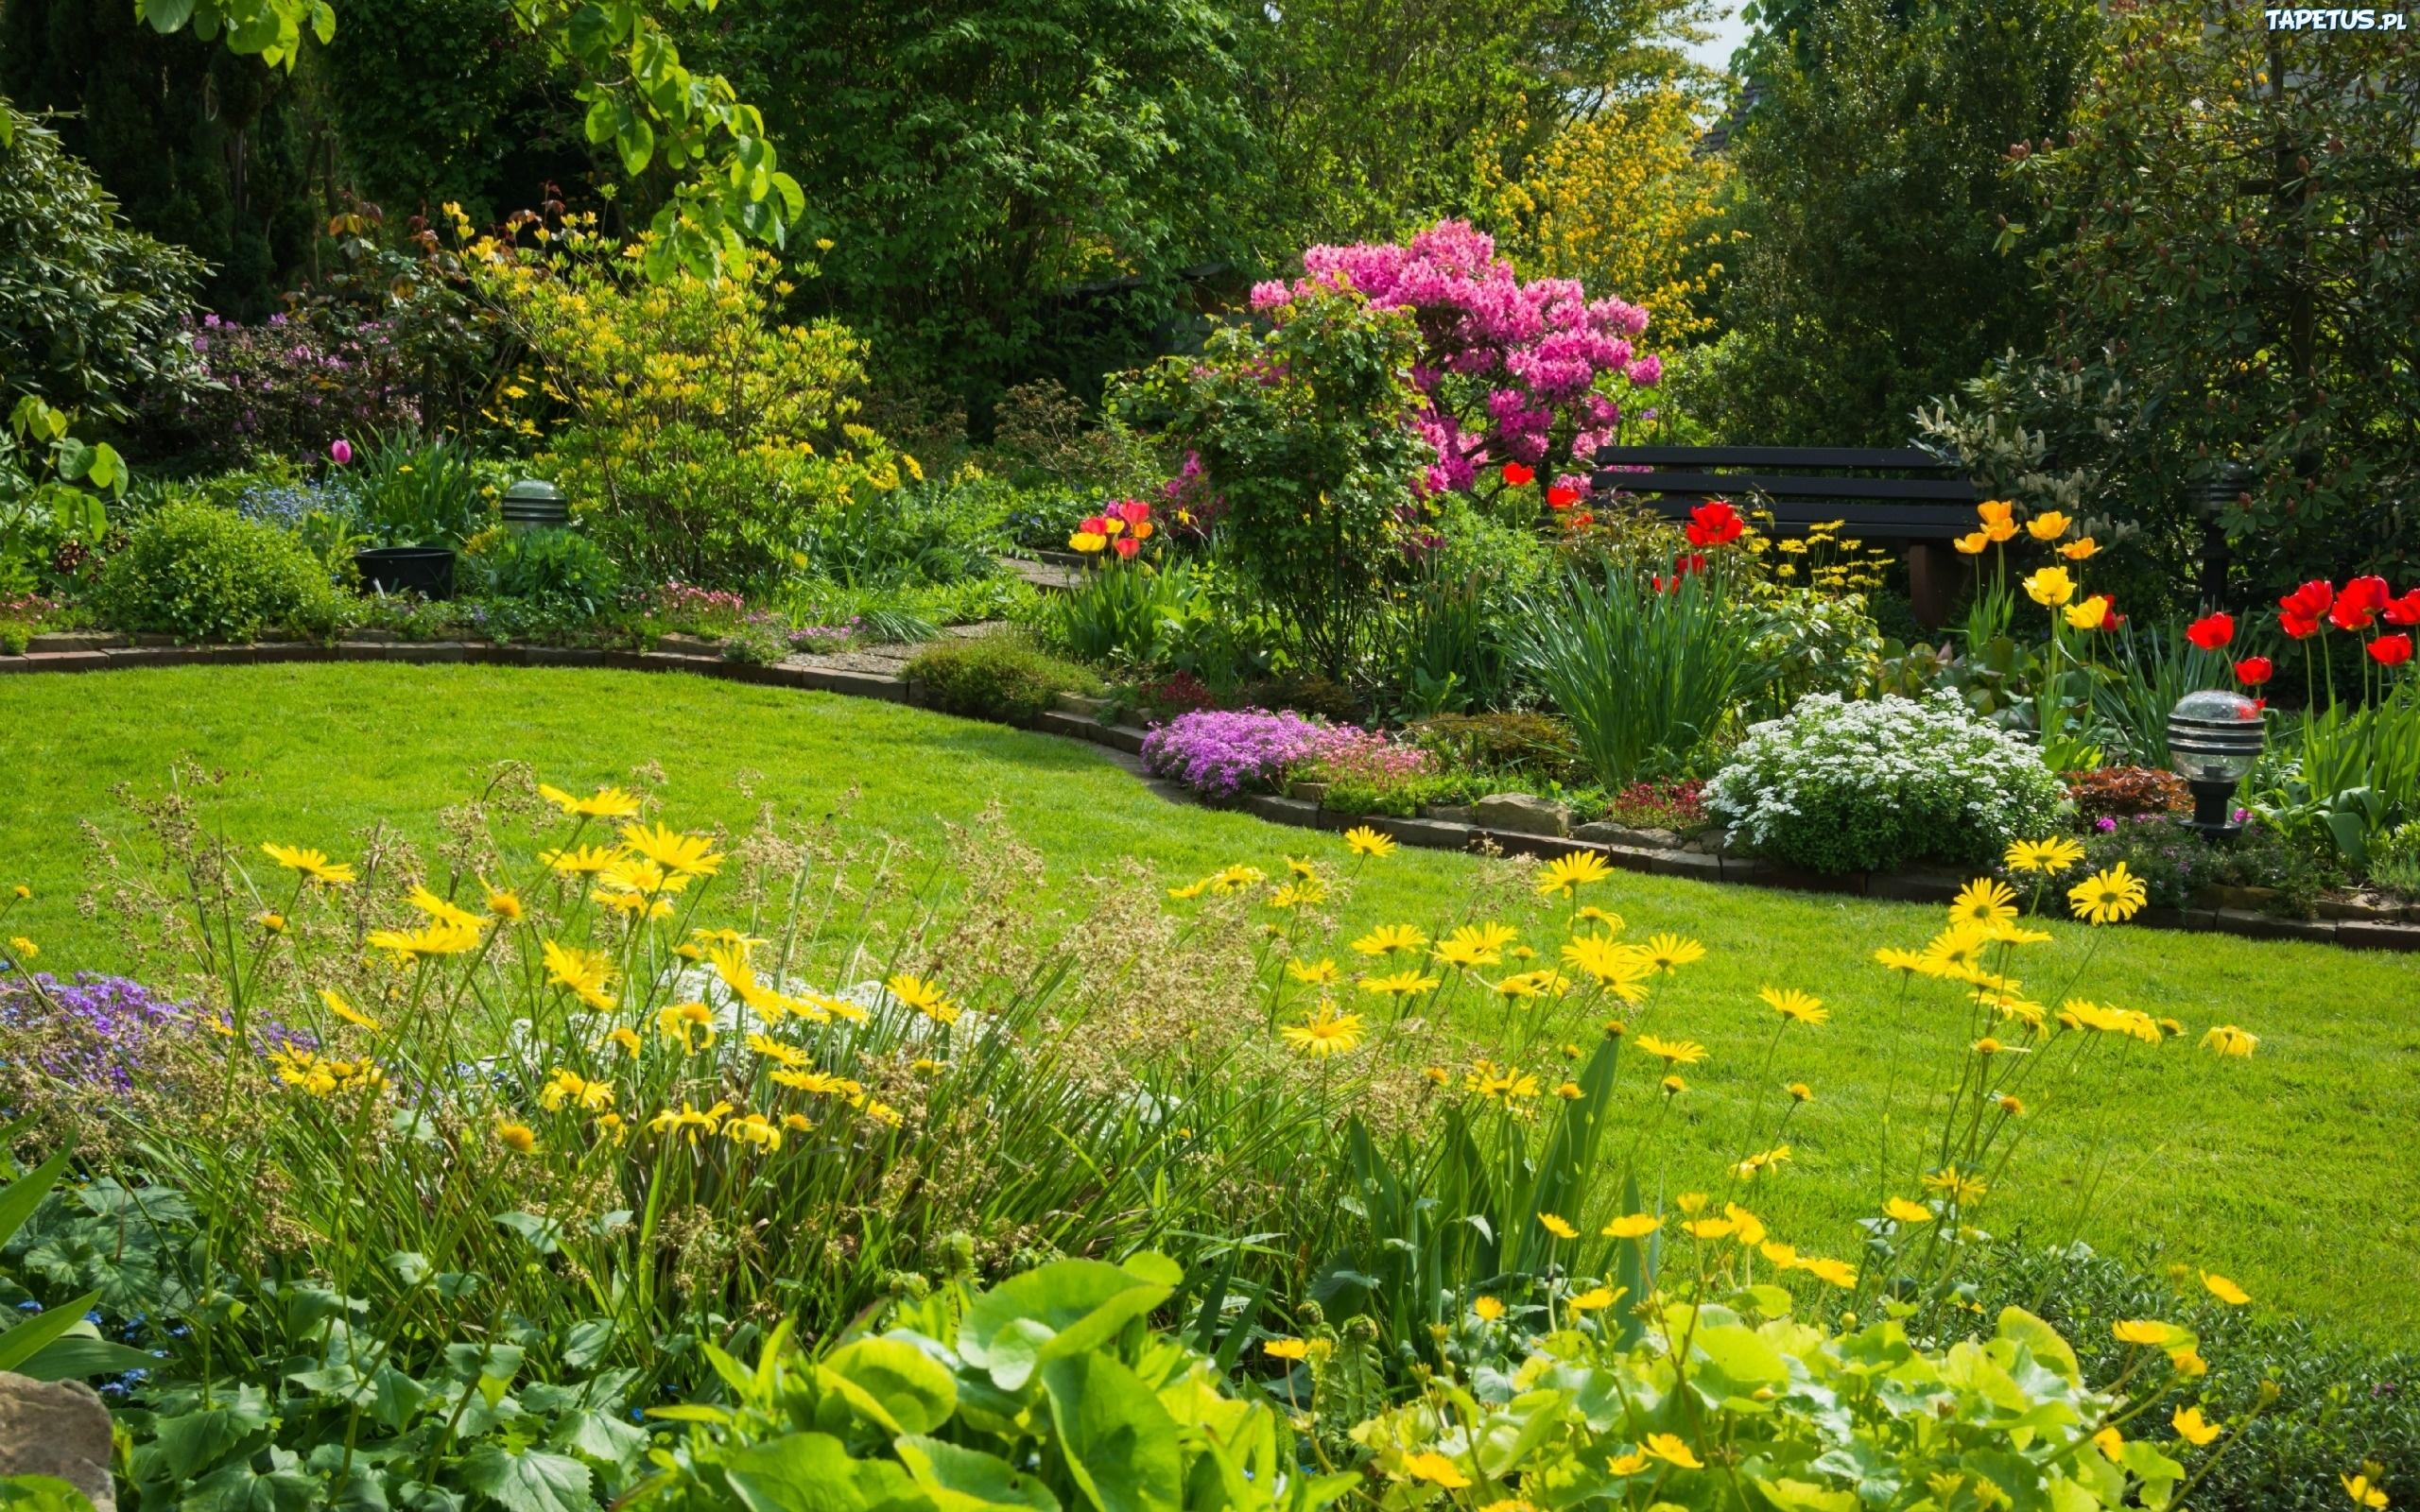 Ogród, Krzewy, Klomby, Kwiatowe, Ławka, Drzewa, Wiosna